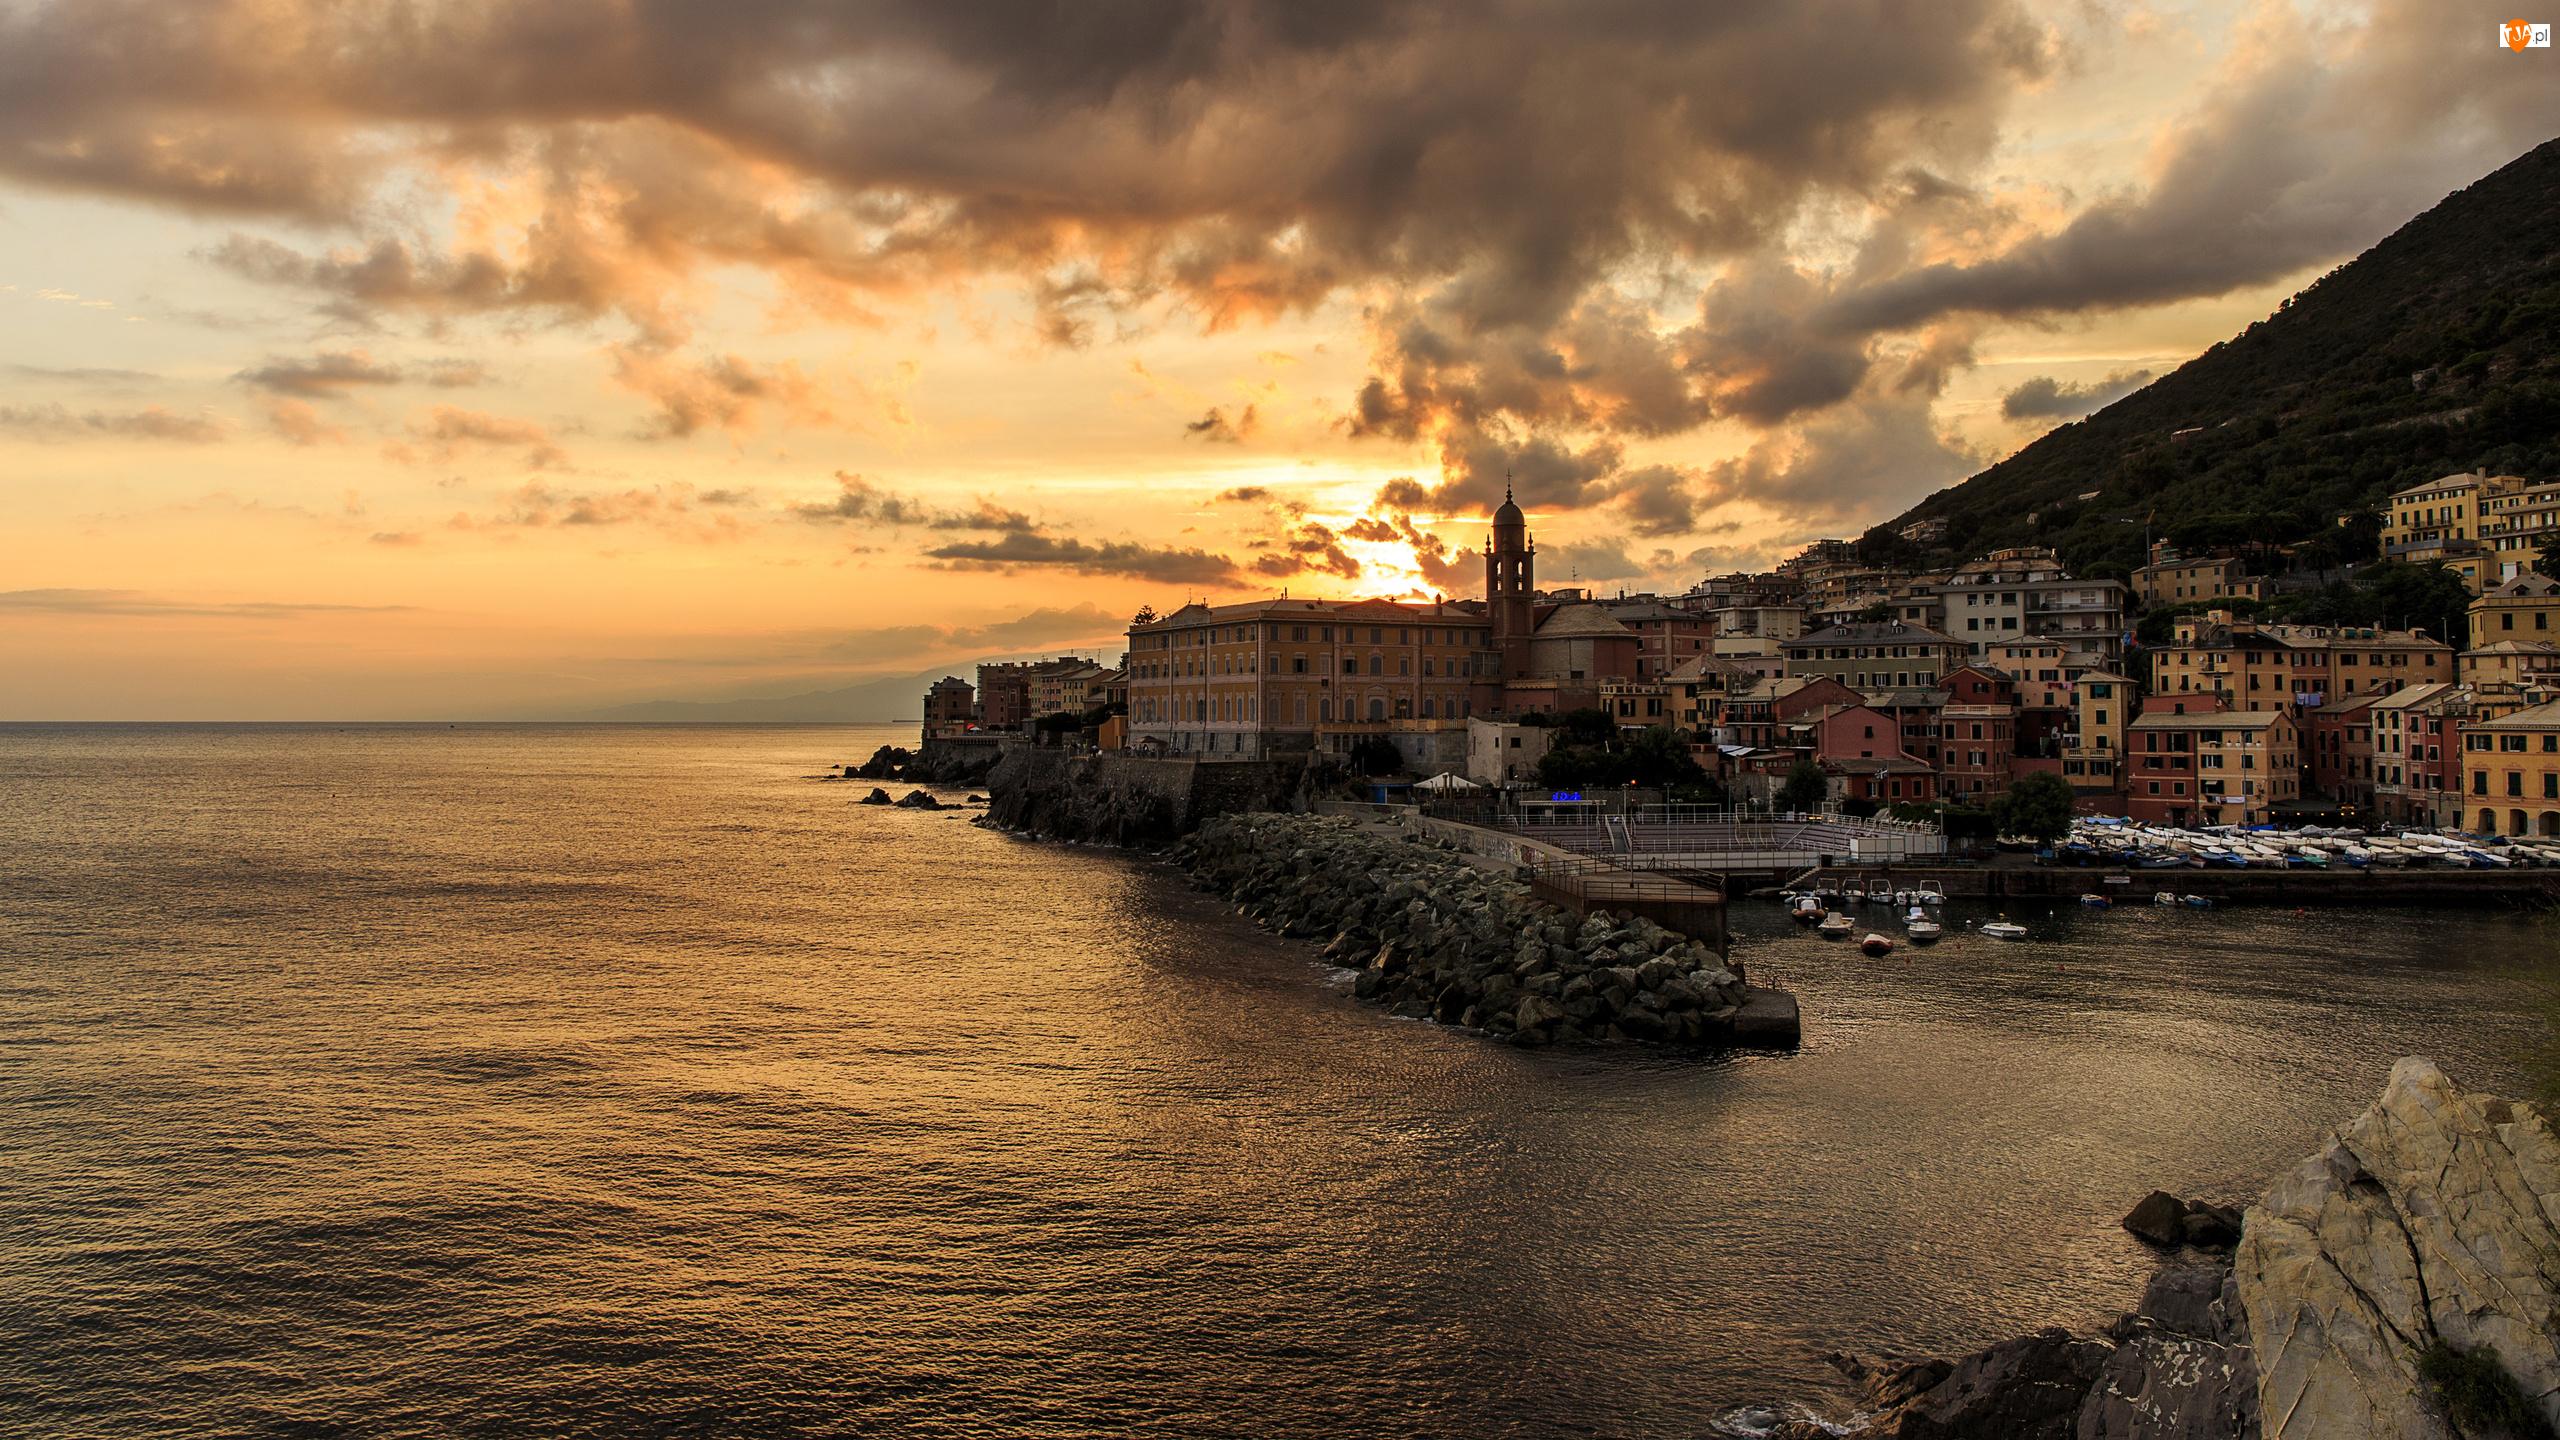 Przystań Nervi, Morze Liguryjskie, Włochy, Zachód Słońca, Genua, Wybrzeże